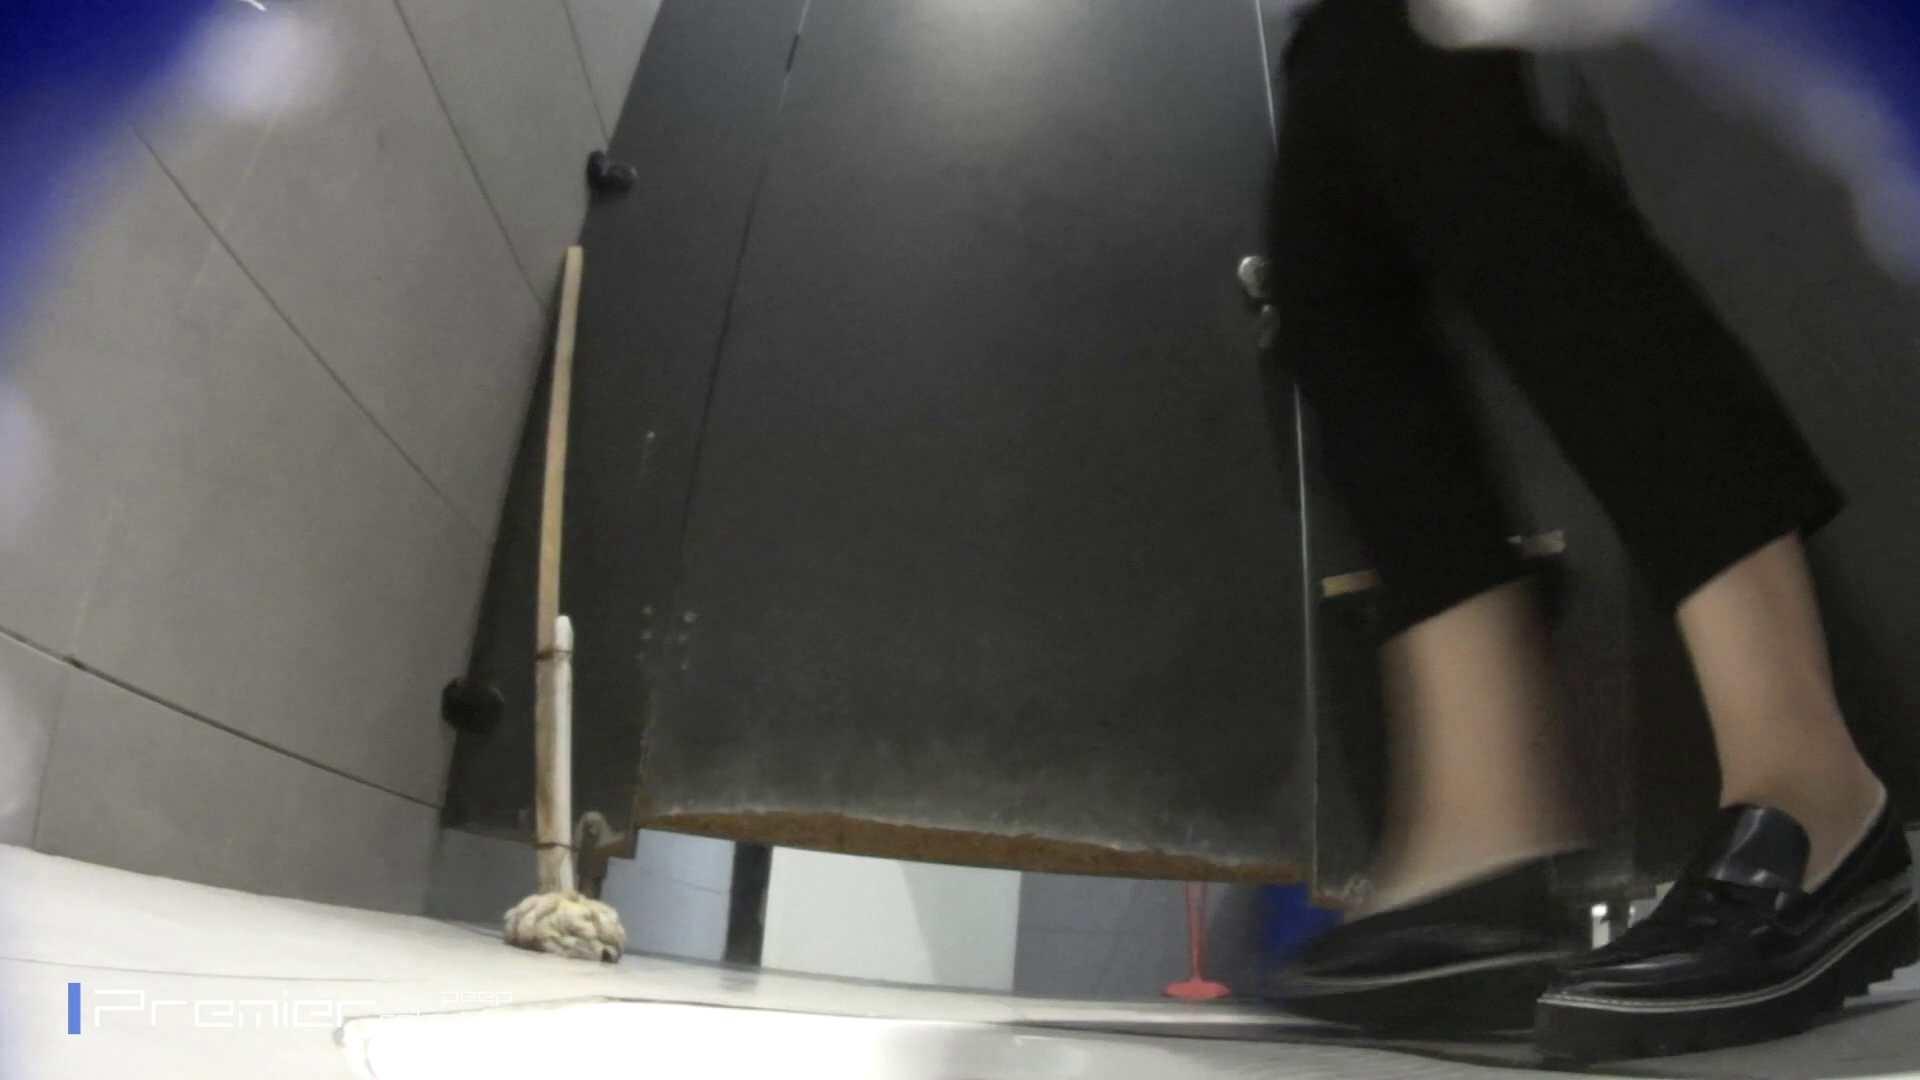 トイレットペーパーを握りしめ個室に入る乙女 大学休憩時間の洗面所事情83 トイレ  92PIX 20